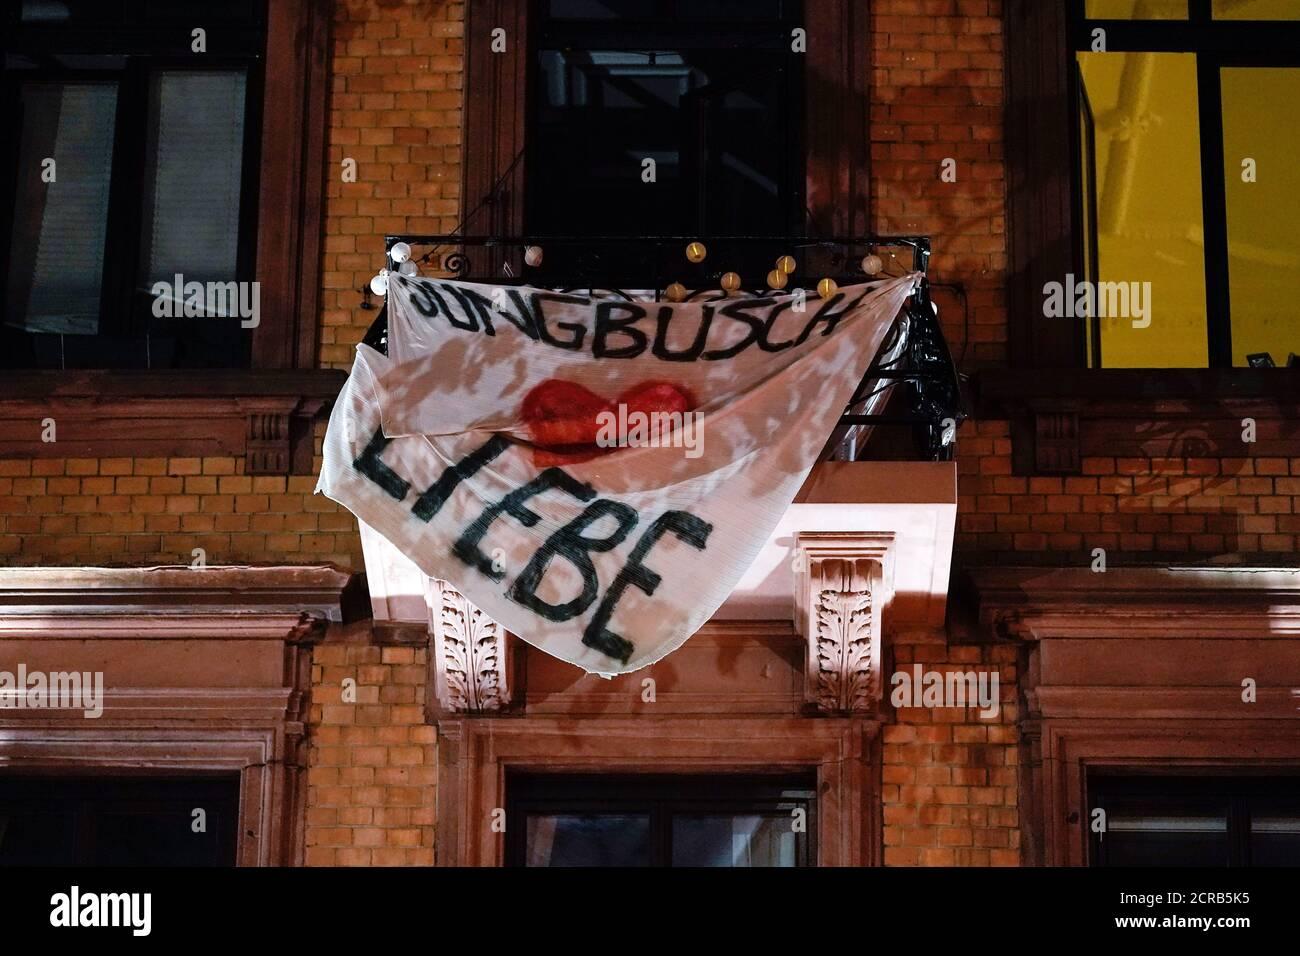 Mannheim, Allemagne. 18 septembre 2020. Une bannière avec l'inscription 'Jungbusch Liebe' est suspendue sur le balcon d'une maison dans le quartier de Jungbusch. Dans le quartier du parti Jungbusch, les intérêts des résidents, des traiteurs et des fêtards se heurtent. Les employés du projet 'Nachtschicht' sont censés prévenir et désamorcer les conflits. (À dpa-KORR de 20.09.2020) Credit: Uwe Anspach/dpa/Alamy Live News Banque D'Images